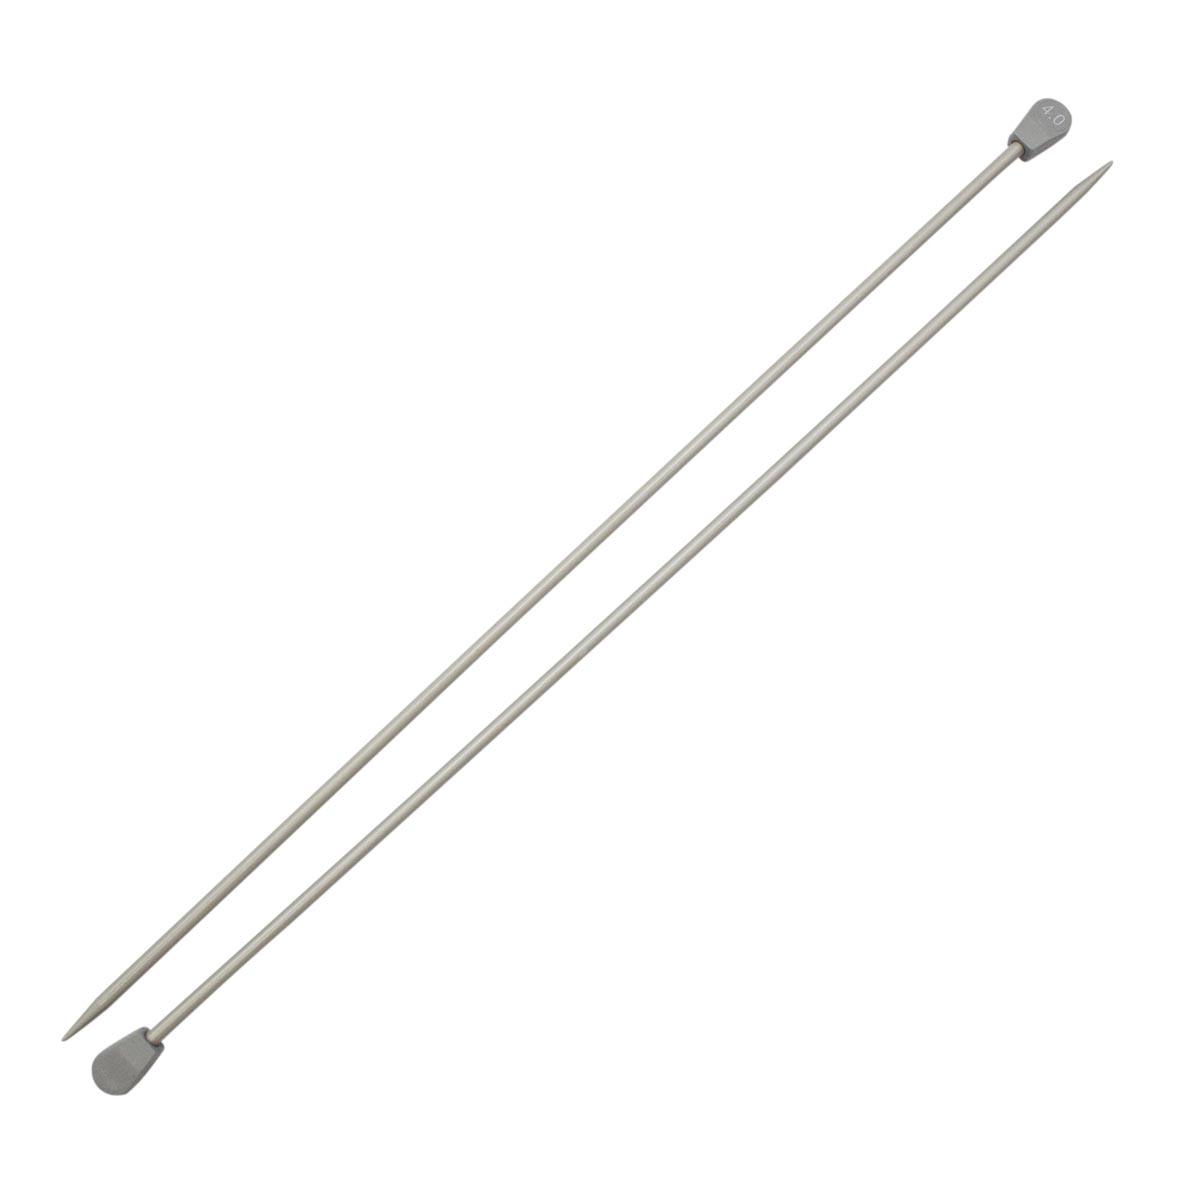 Спицы прямые алюминиевые с покрытием 940240/940204, 35 см, 4,0 мм, Hobby&Pro